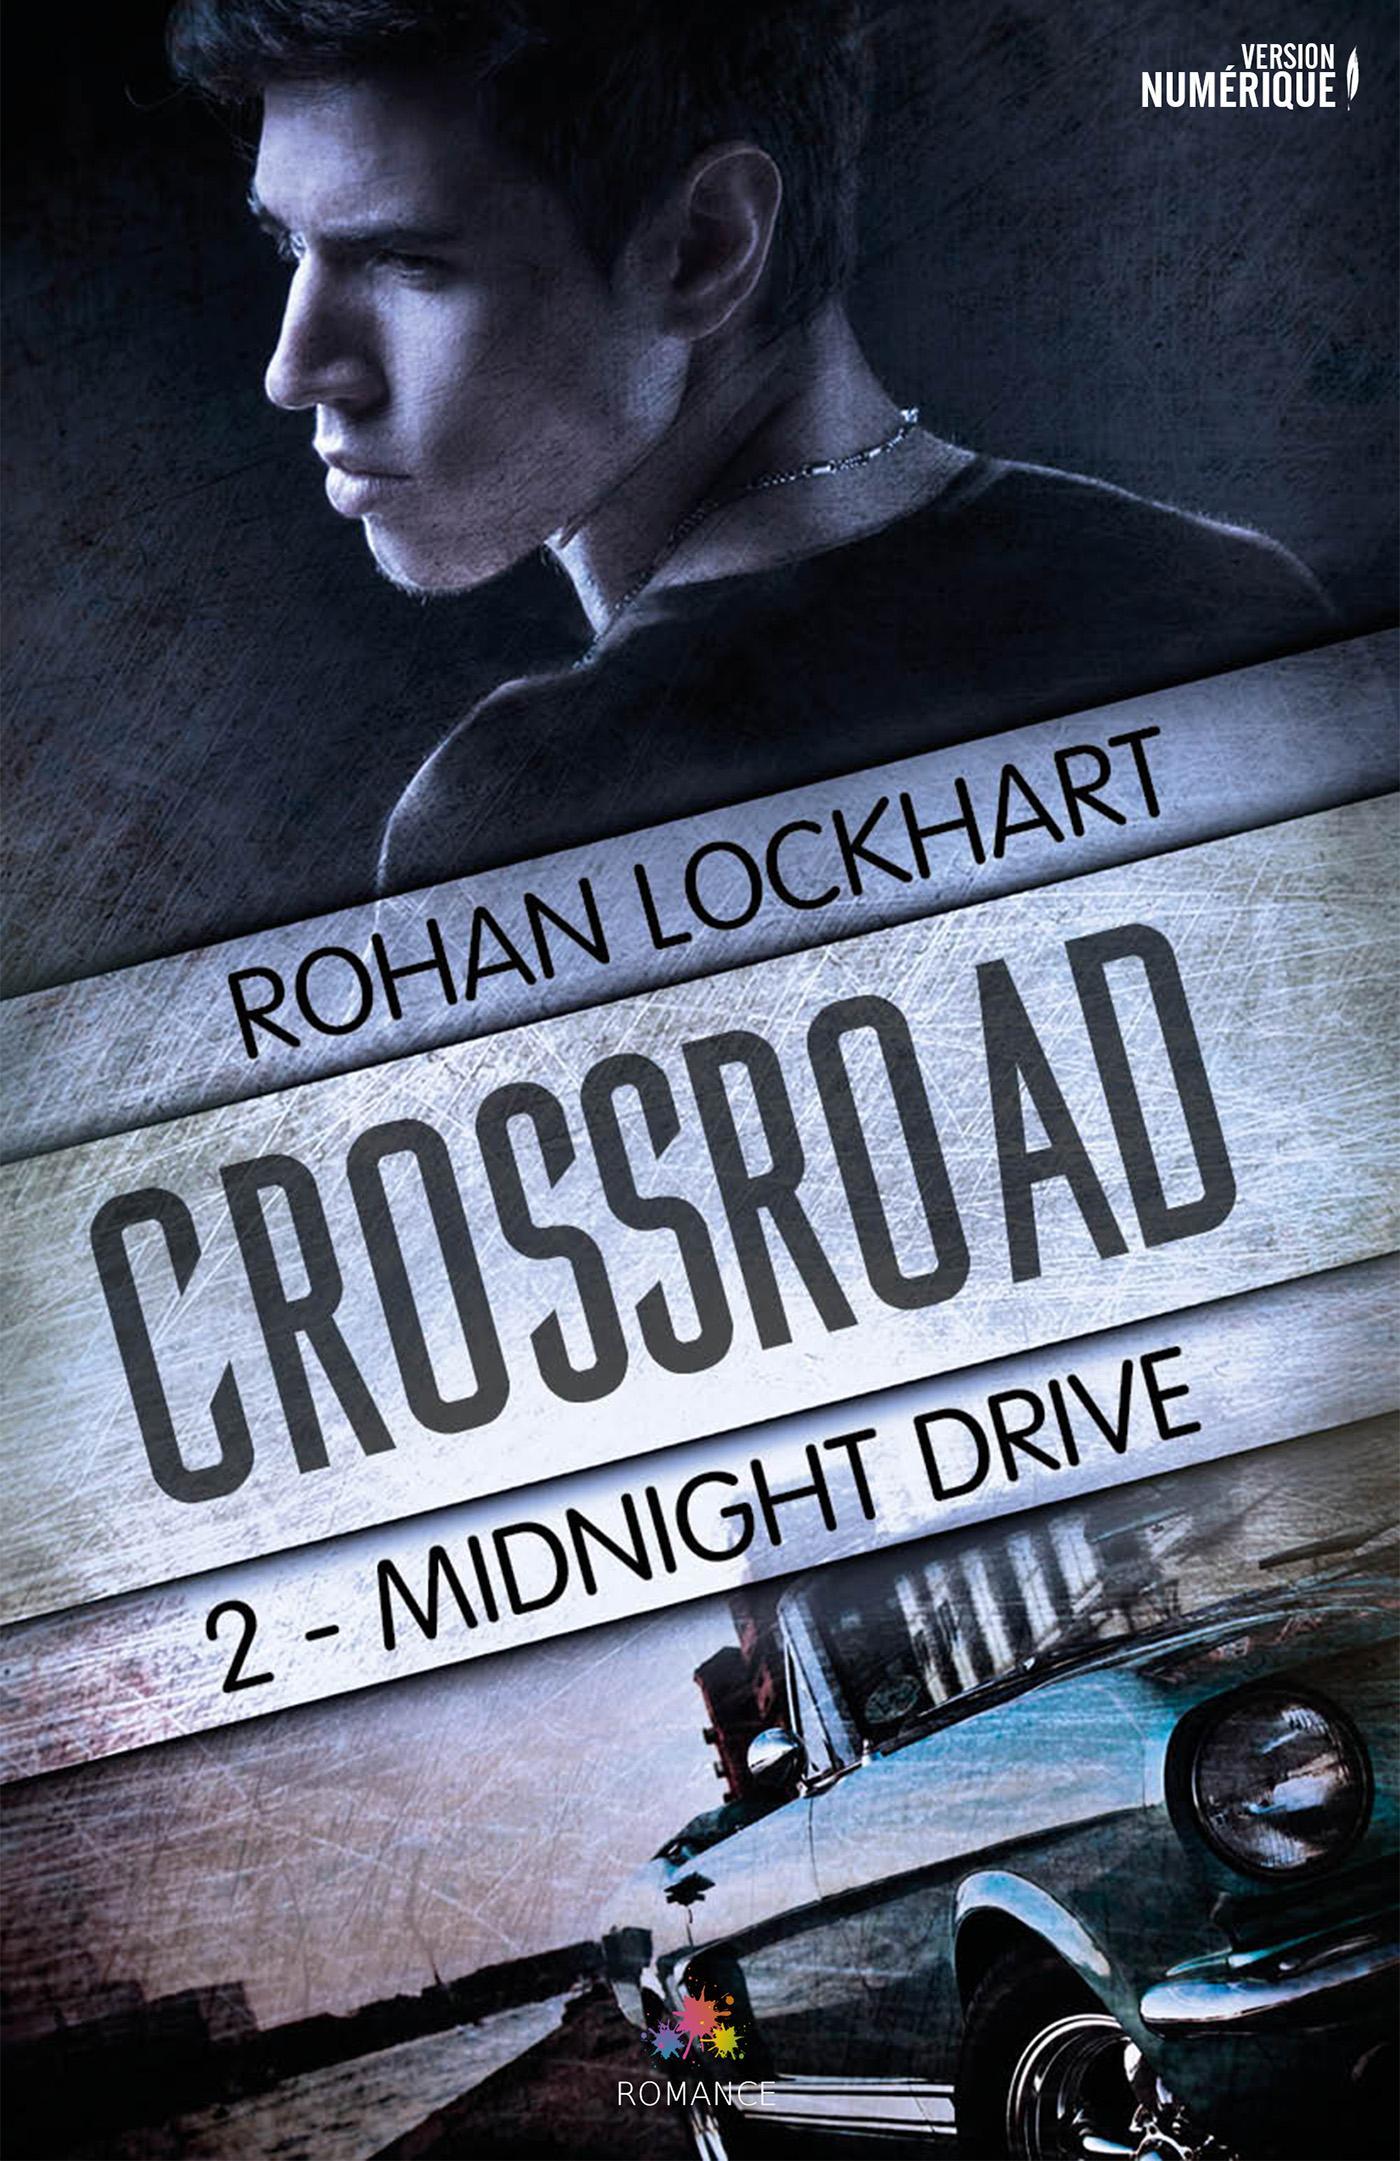 Midnight Drive, CROSSROAD, T2